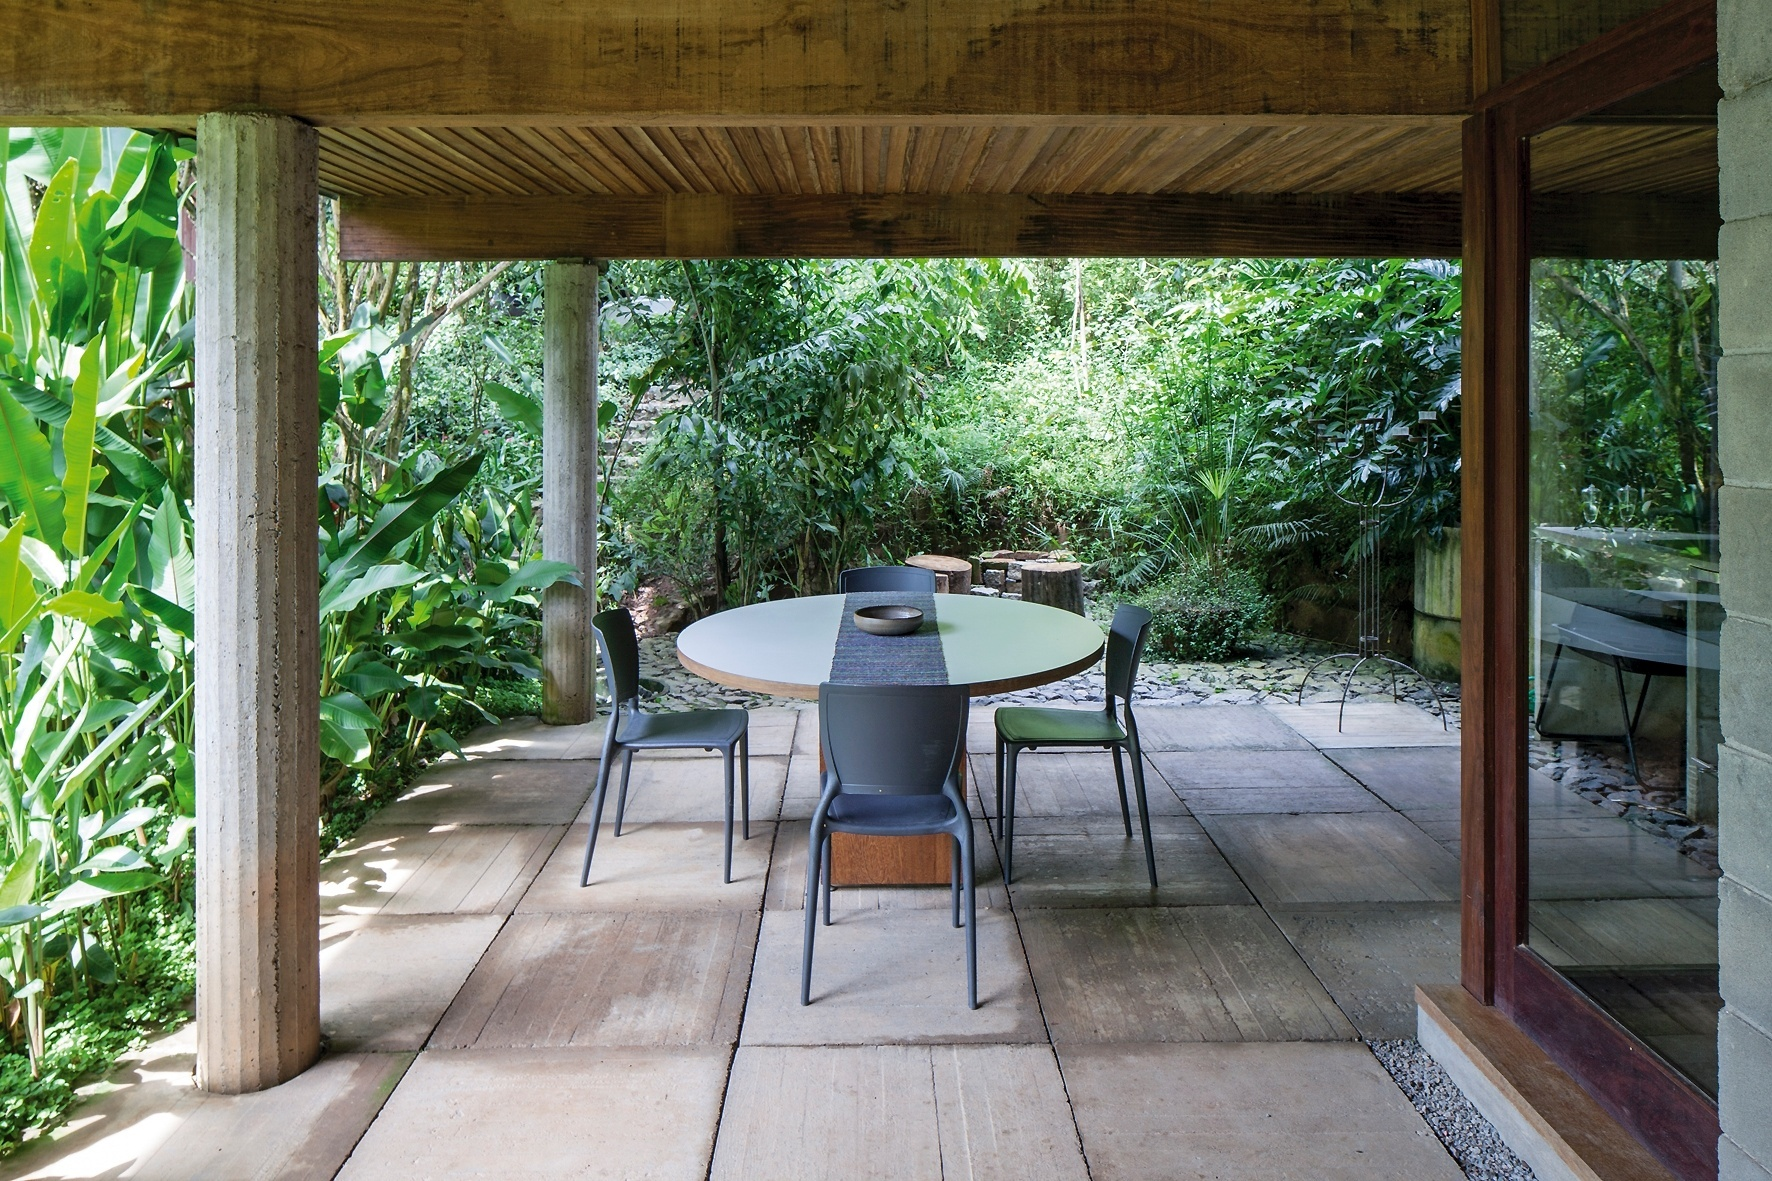 Deste ângulo, é possível observar a integração total do terraço com a natureza. A madeira aquece visualmente o espaço e quebra a rigidez do concreto usado no piso e nas colunas. O projeto da Casa Vila Taguaí, localizada em Carapicuíba (SP), é uma parceria da arquiteta Cristina Xavier e do engenheiro Hélio Olga